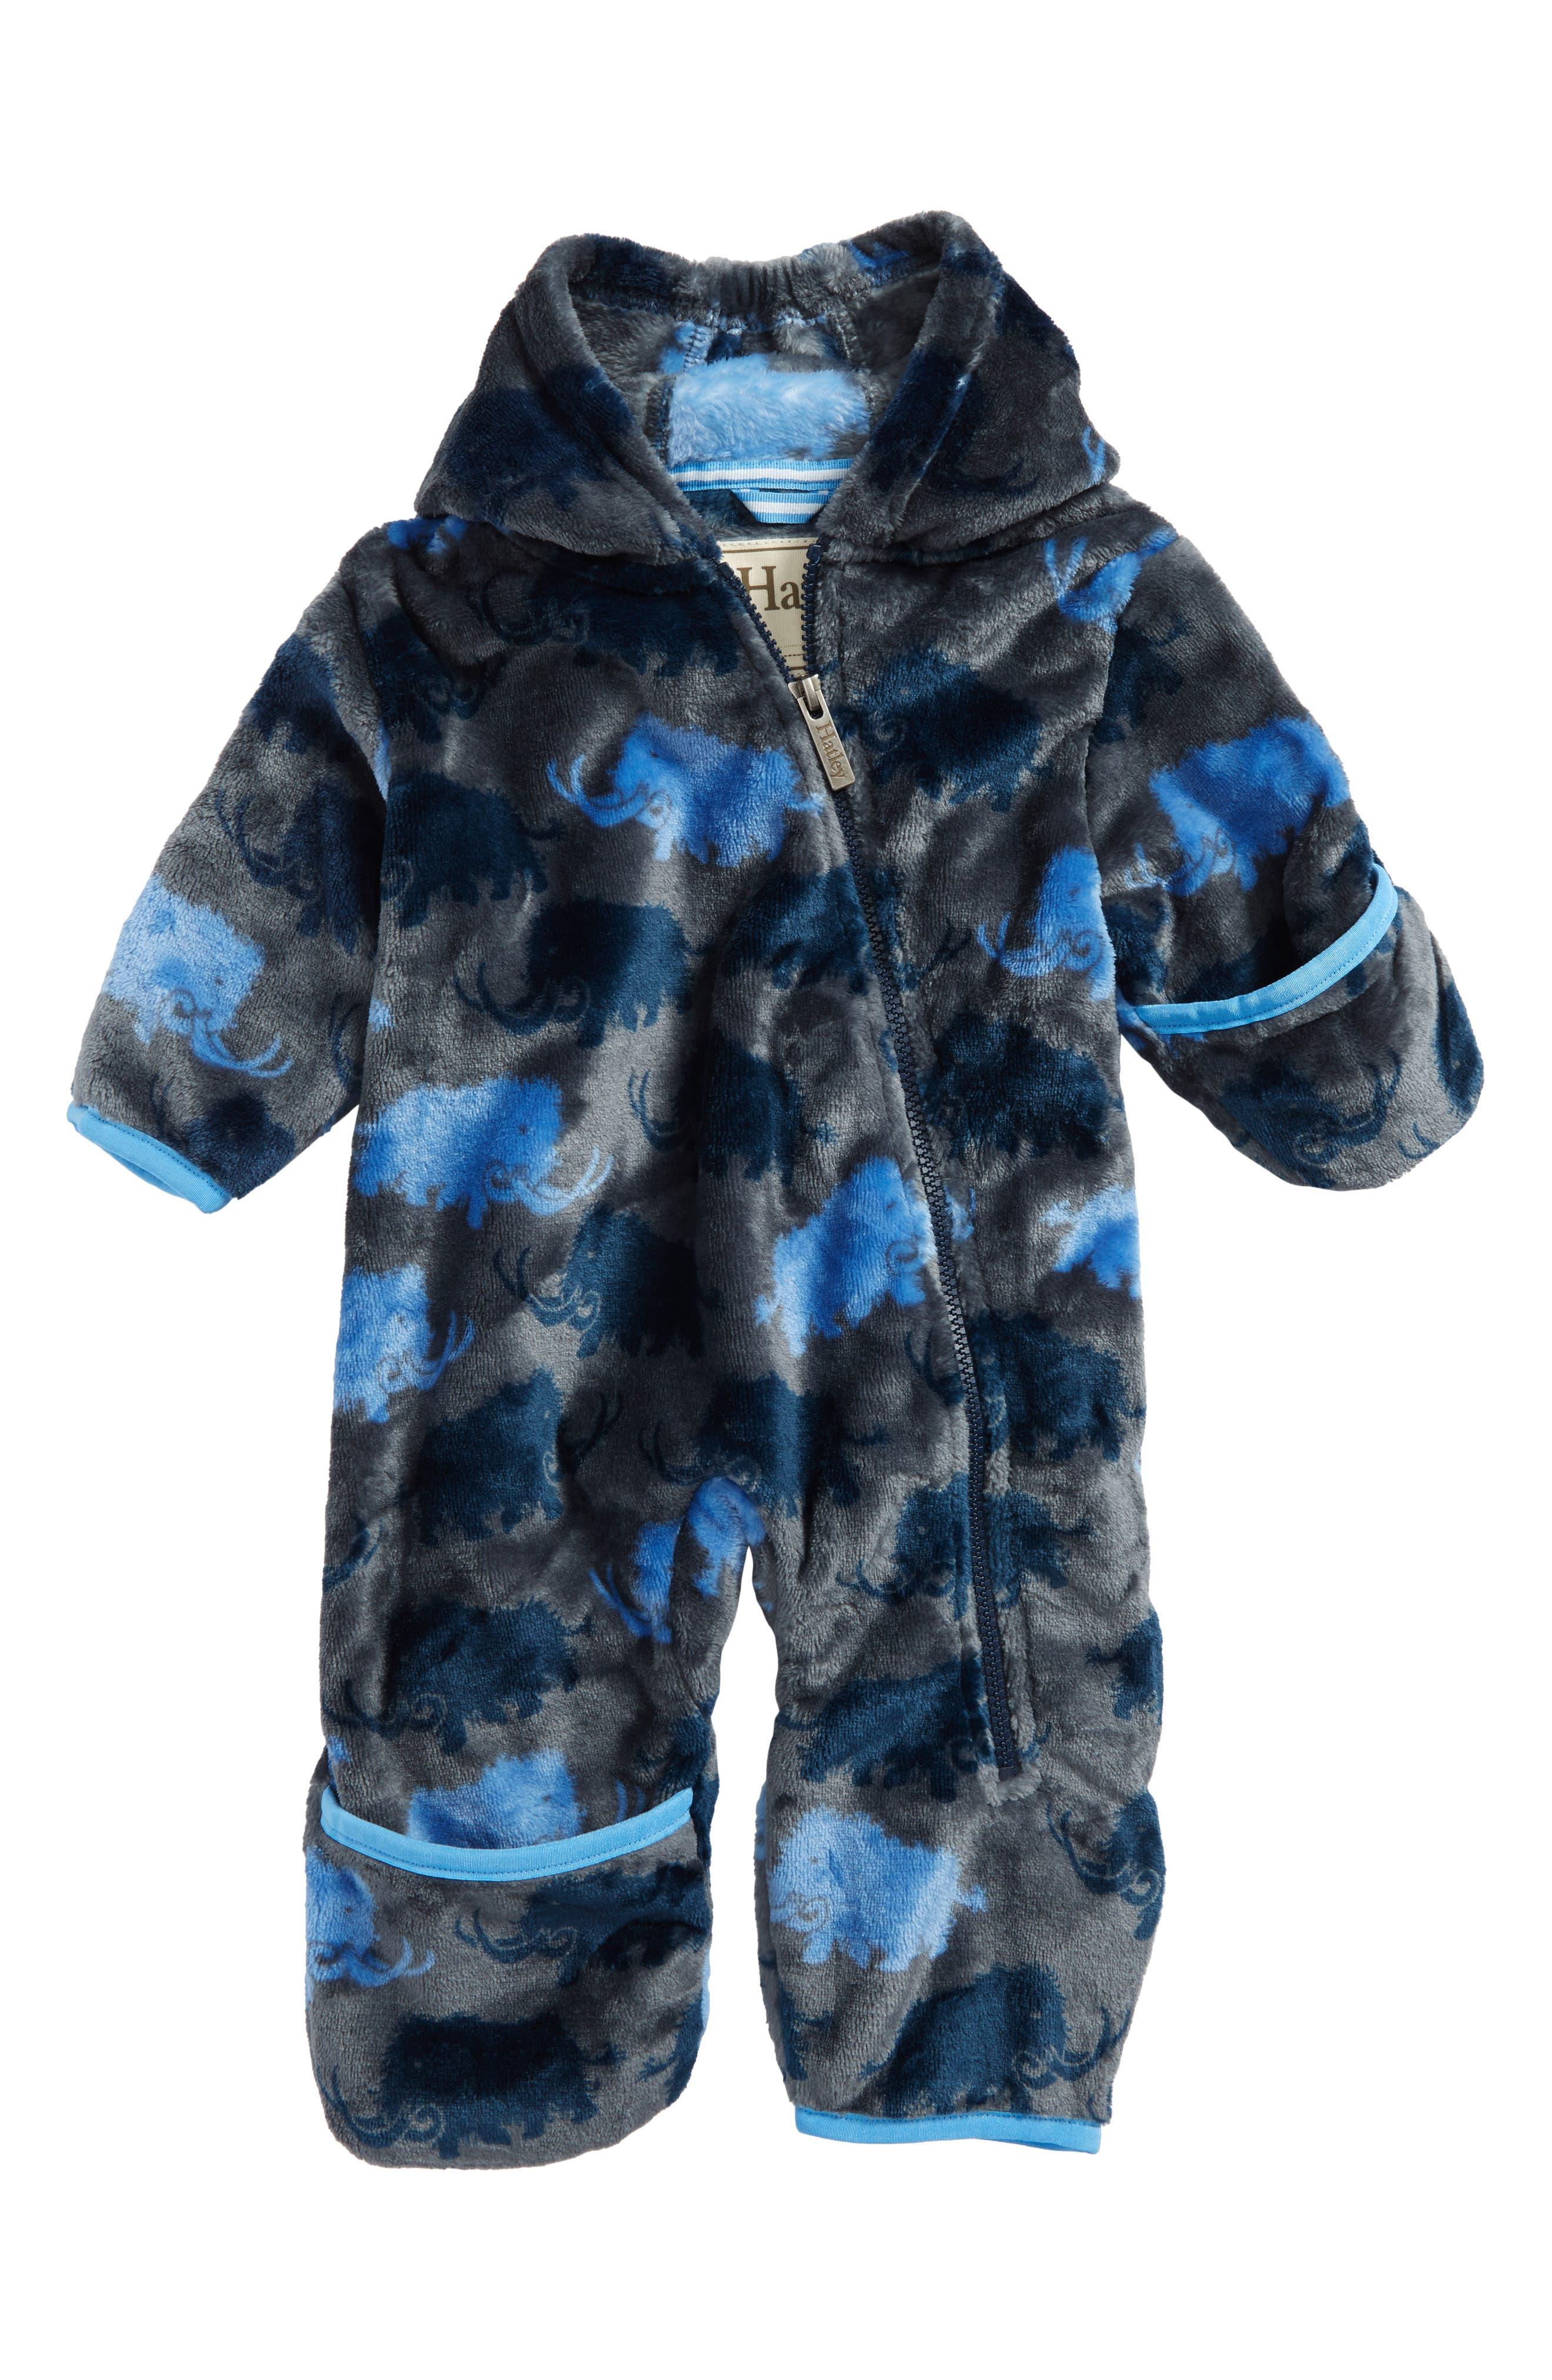 Hatley Boys Toddler Snow Suit Set